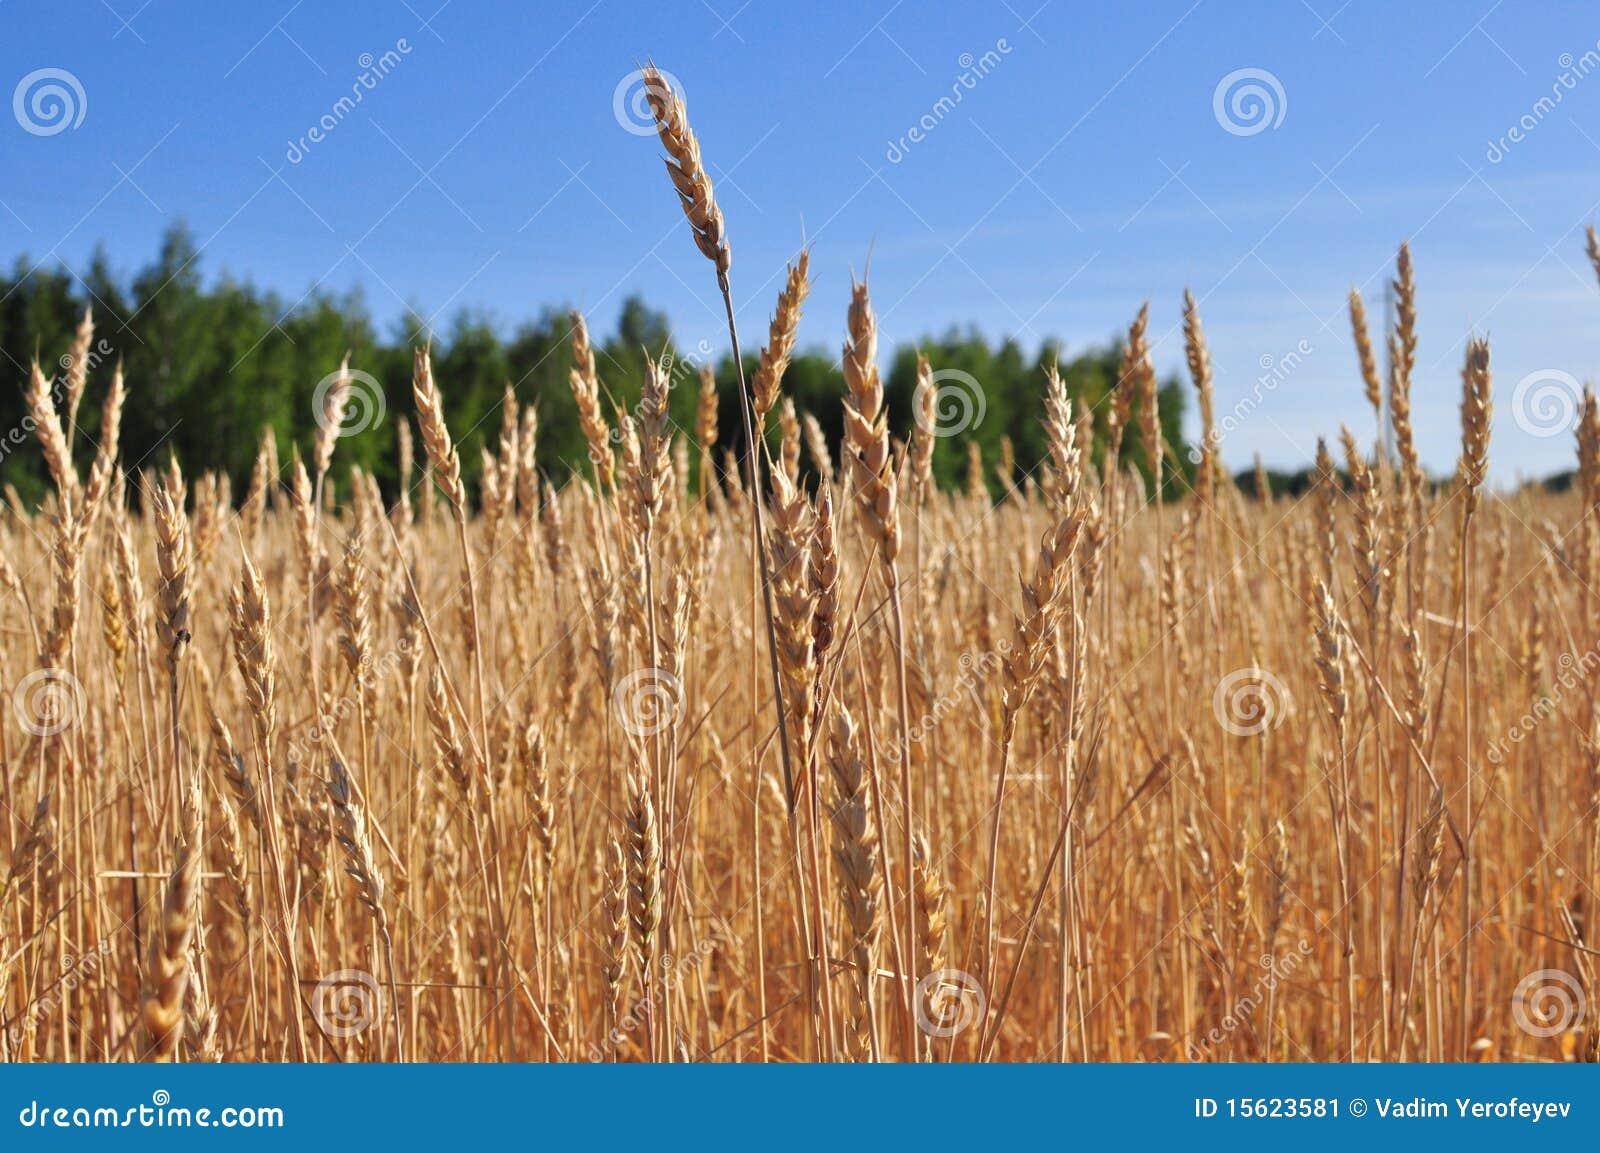 united grain grower case essay Bad feminist: essays the light between oceans: a novel extremely loud and incredibly close: a novel  cuál es el ambiente en el que se desarrolla el caso united grain grower el ambiente en el que se desarrolla es en la comercialización y distribución de granos.